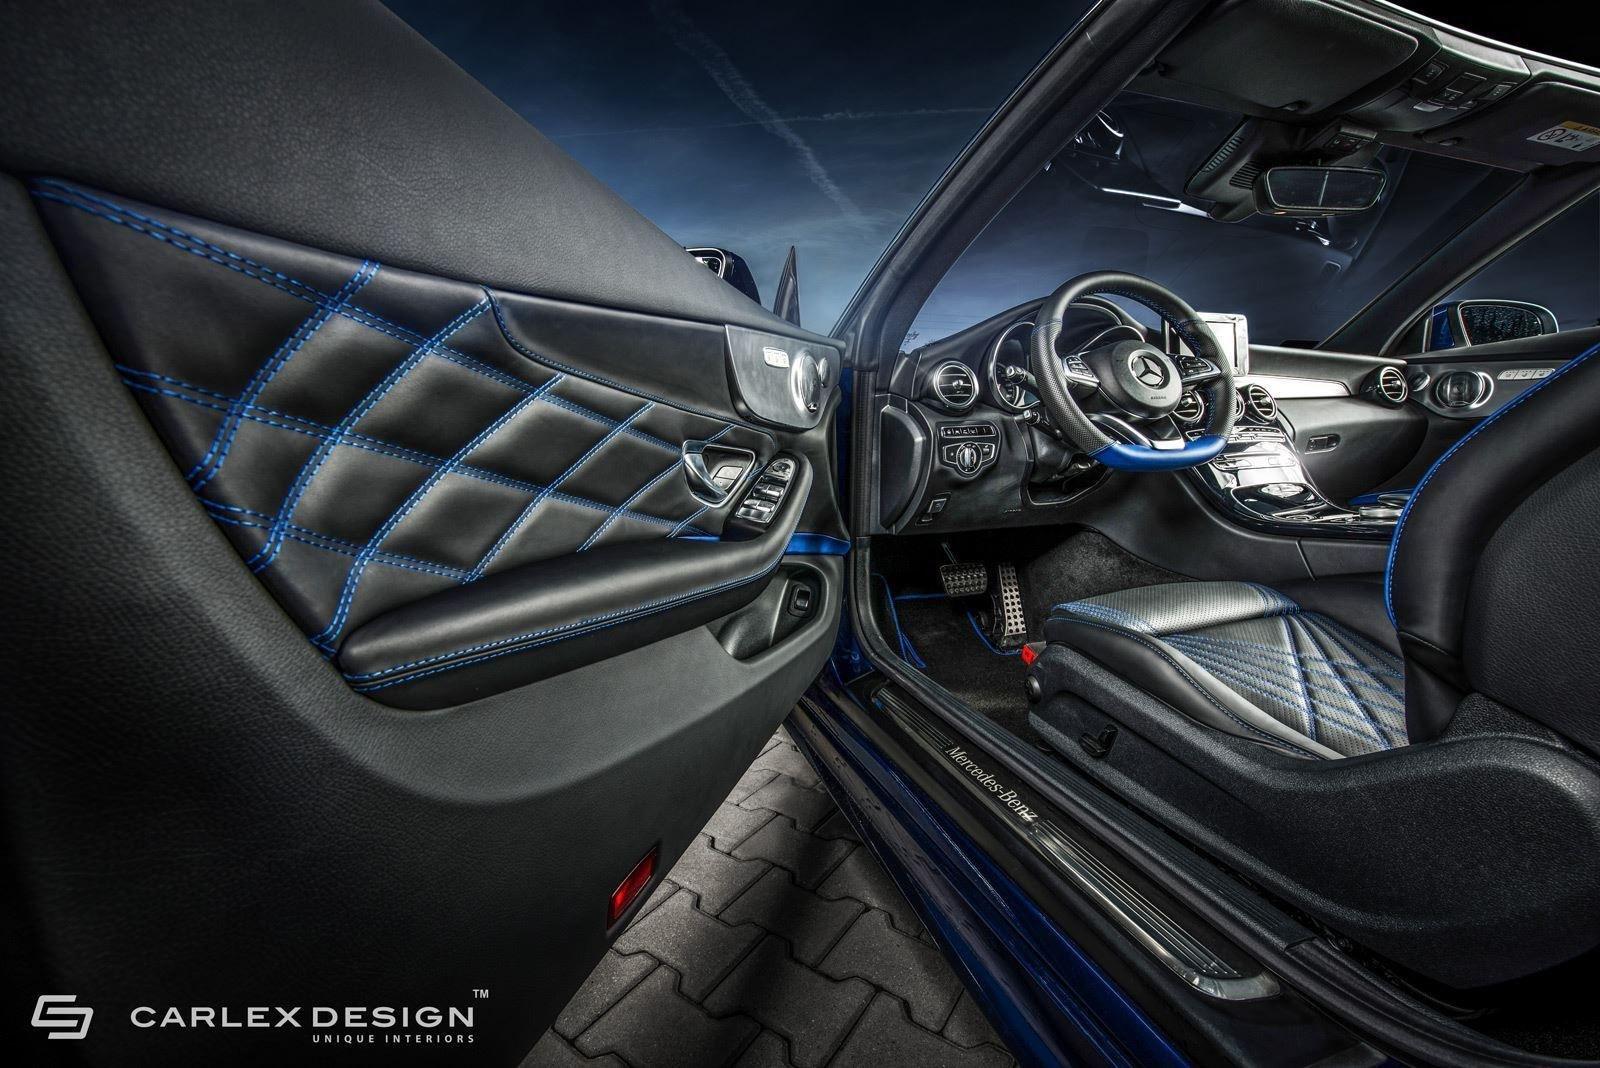 Mercedes C-Class Cabrio By Carlex Design (3)